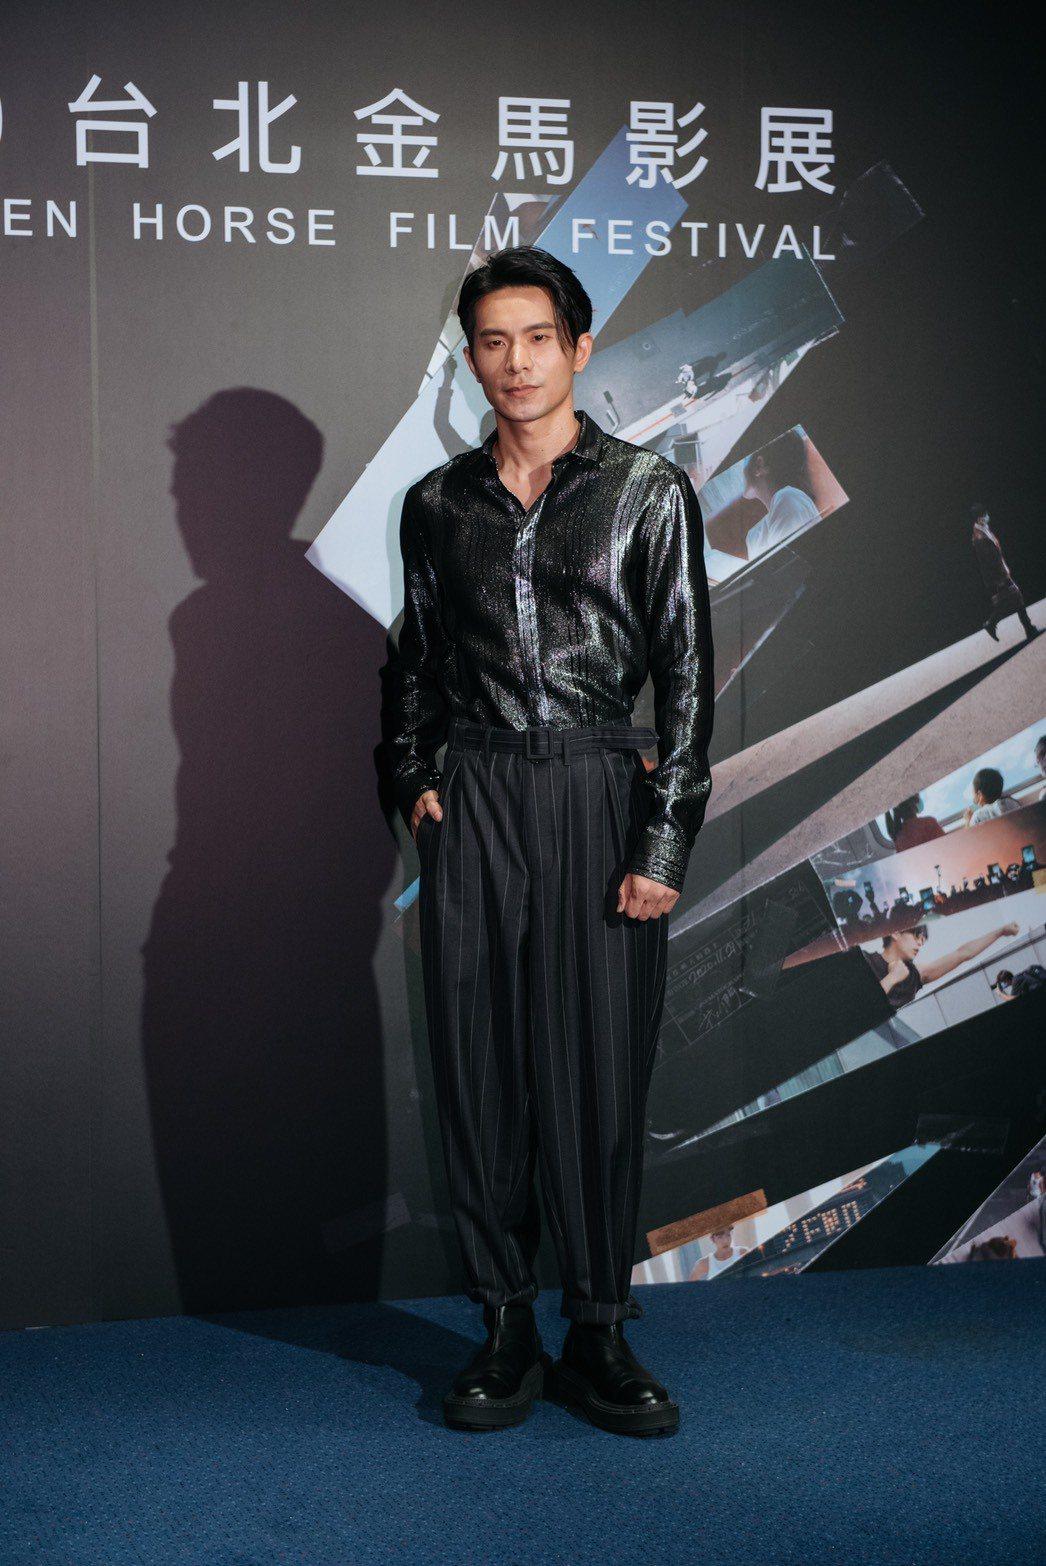 姚淳耀在「返校」影集飾演一名充滿理想抱負的老師。圖/金馬執委會提供